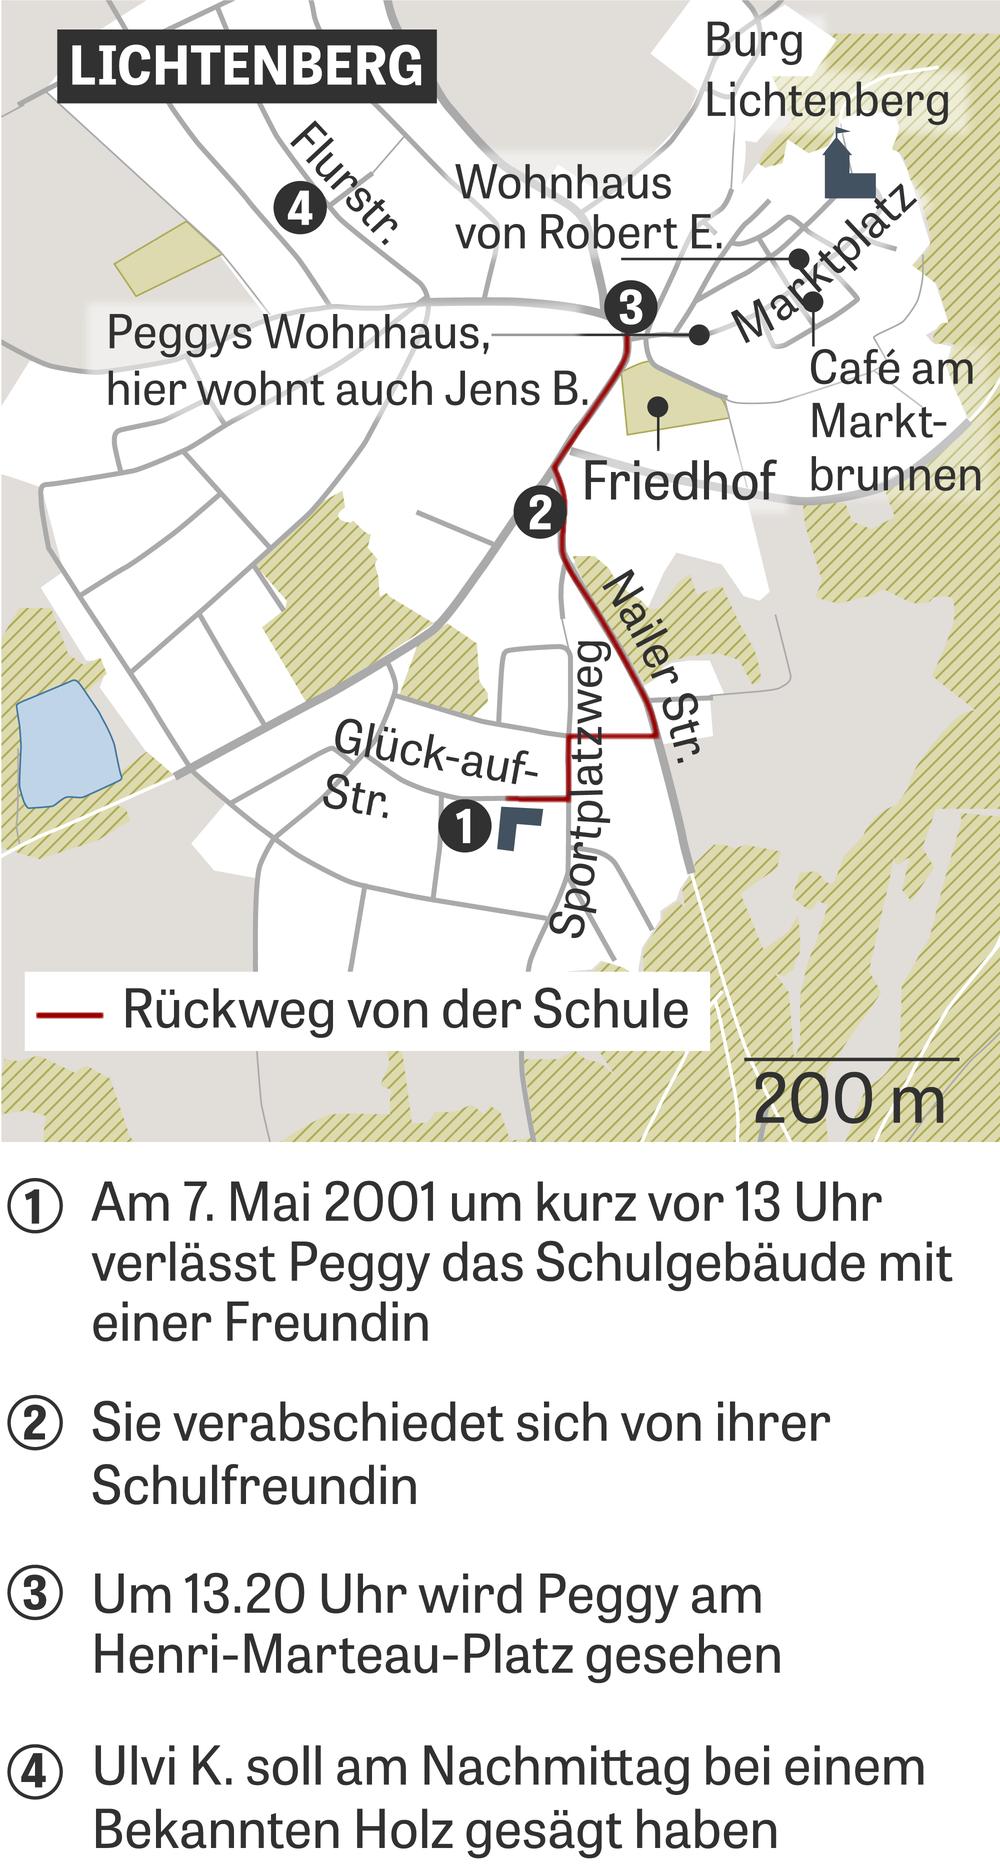 Partnersuche & kostenlose Kontaktanzeigen in Lichtenberg